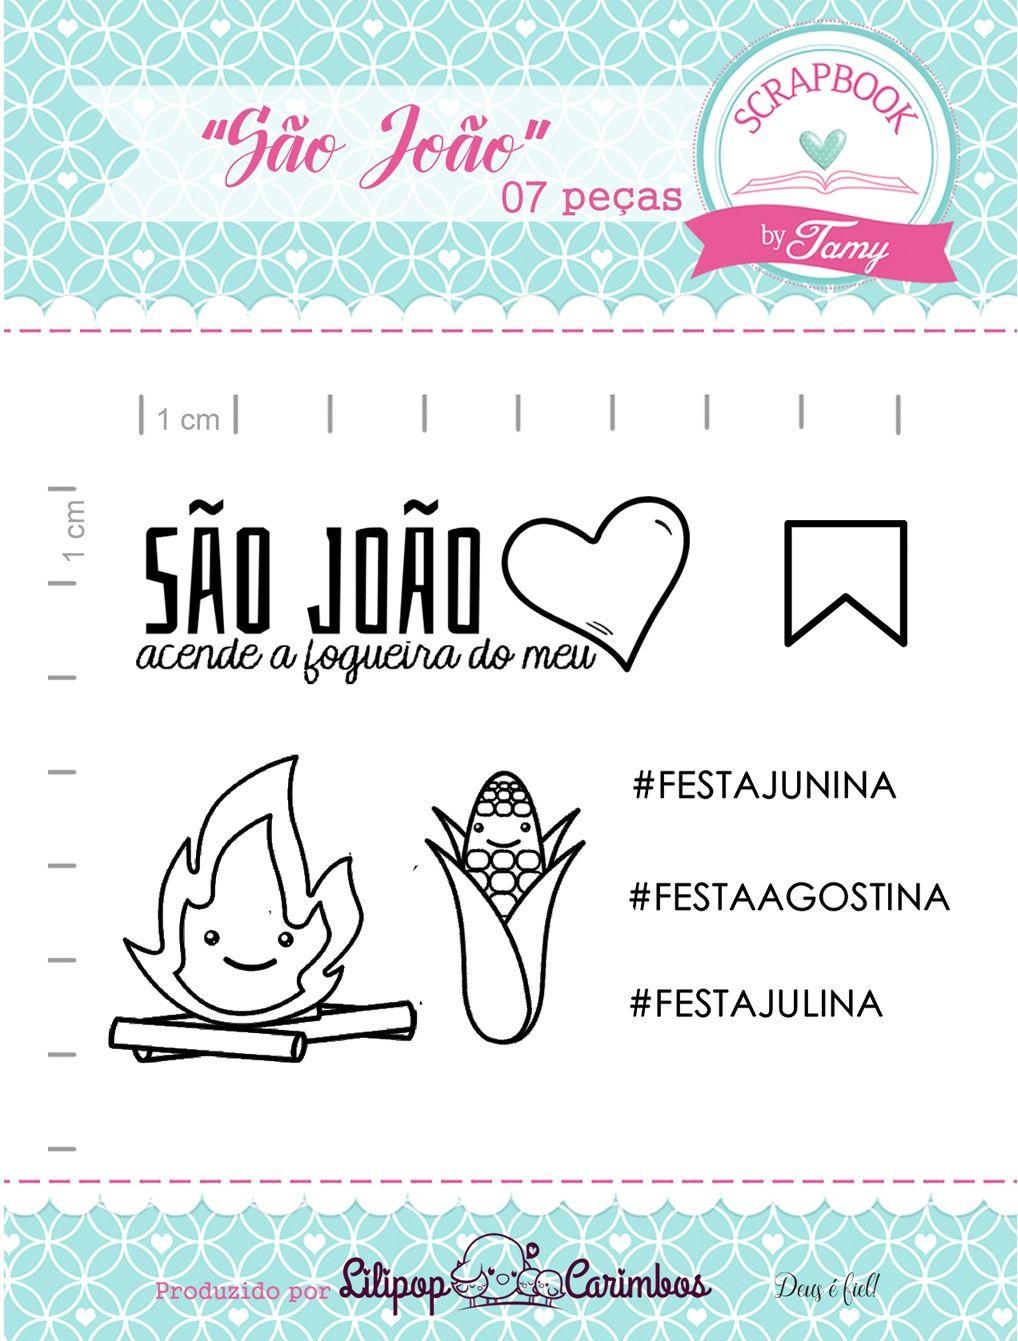 Kit de Carimbos - São João